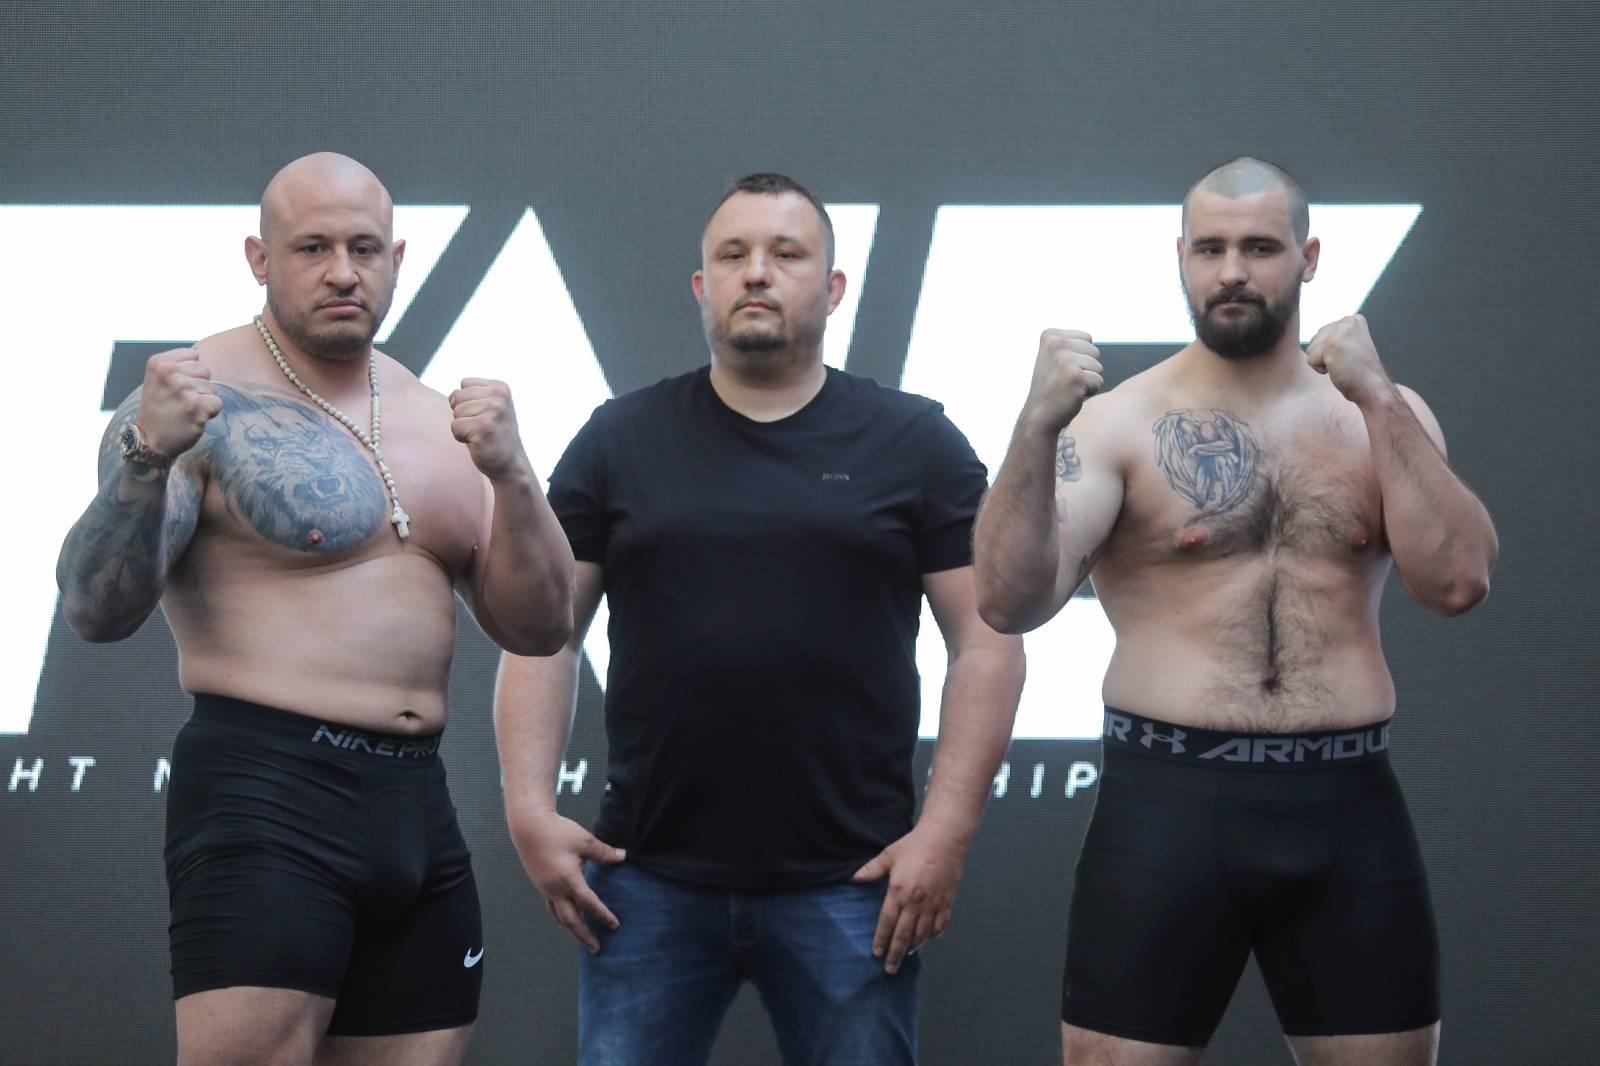 Zagreb:  Održano je vaganje i sučeljavanja uoči MMA turnira Armagedon